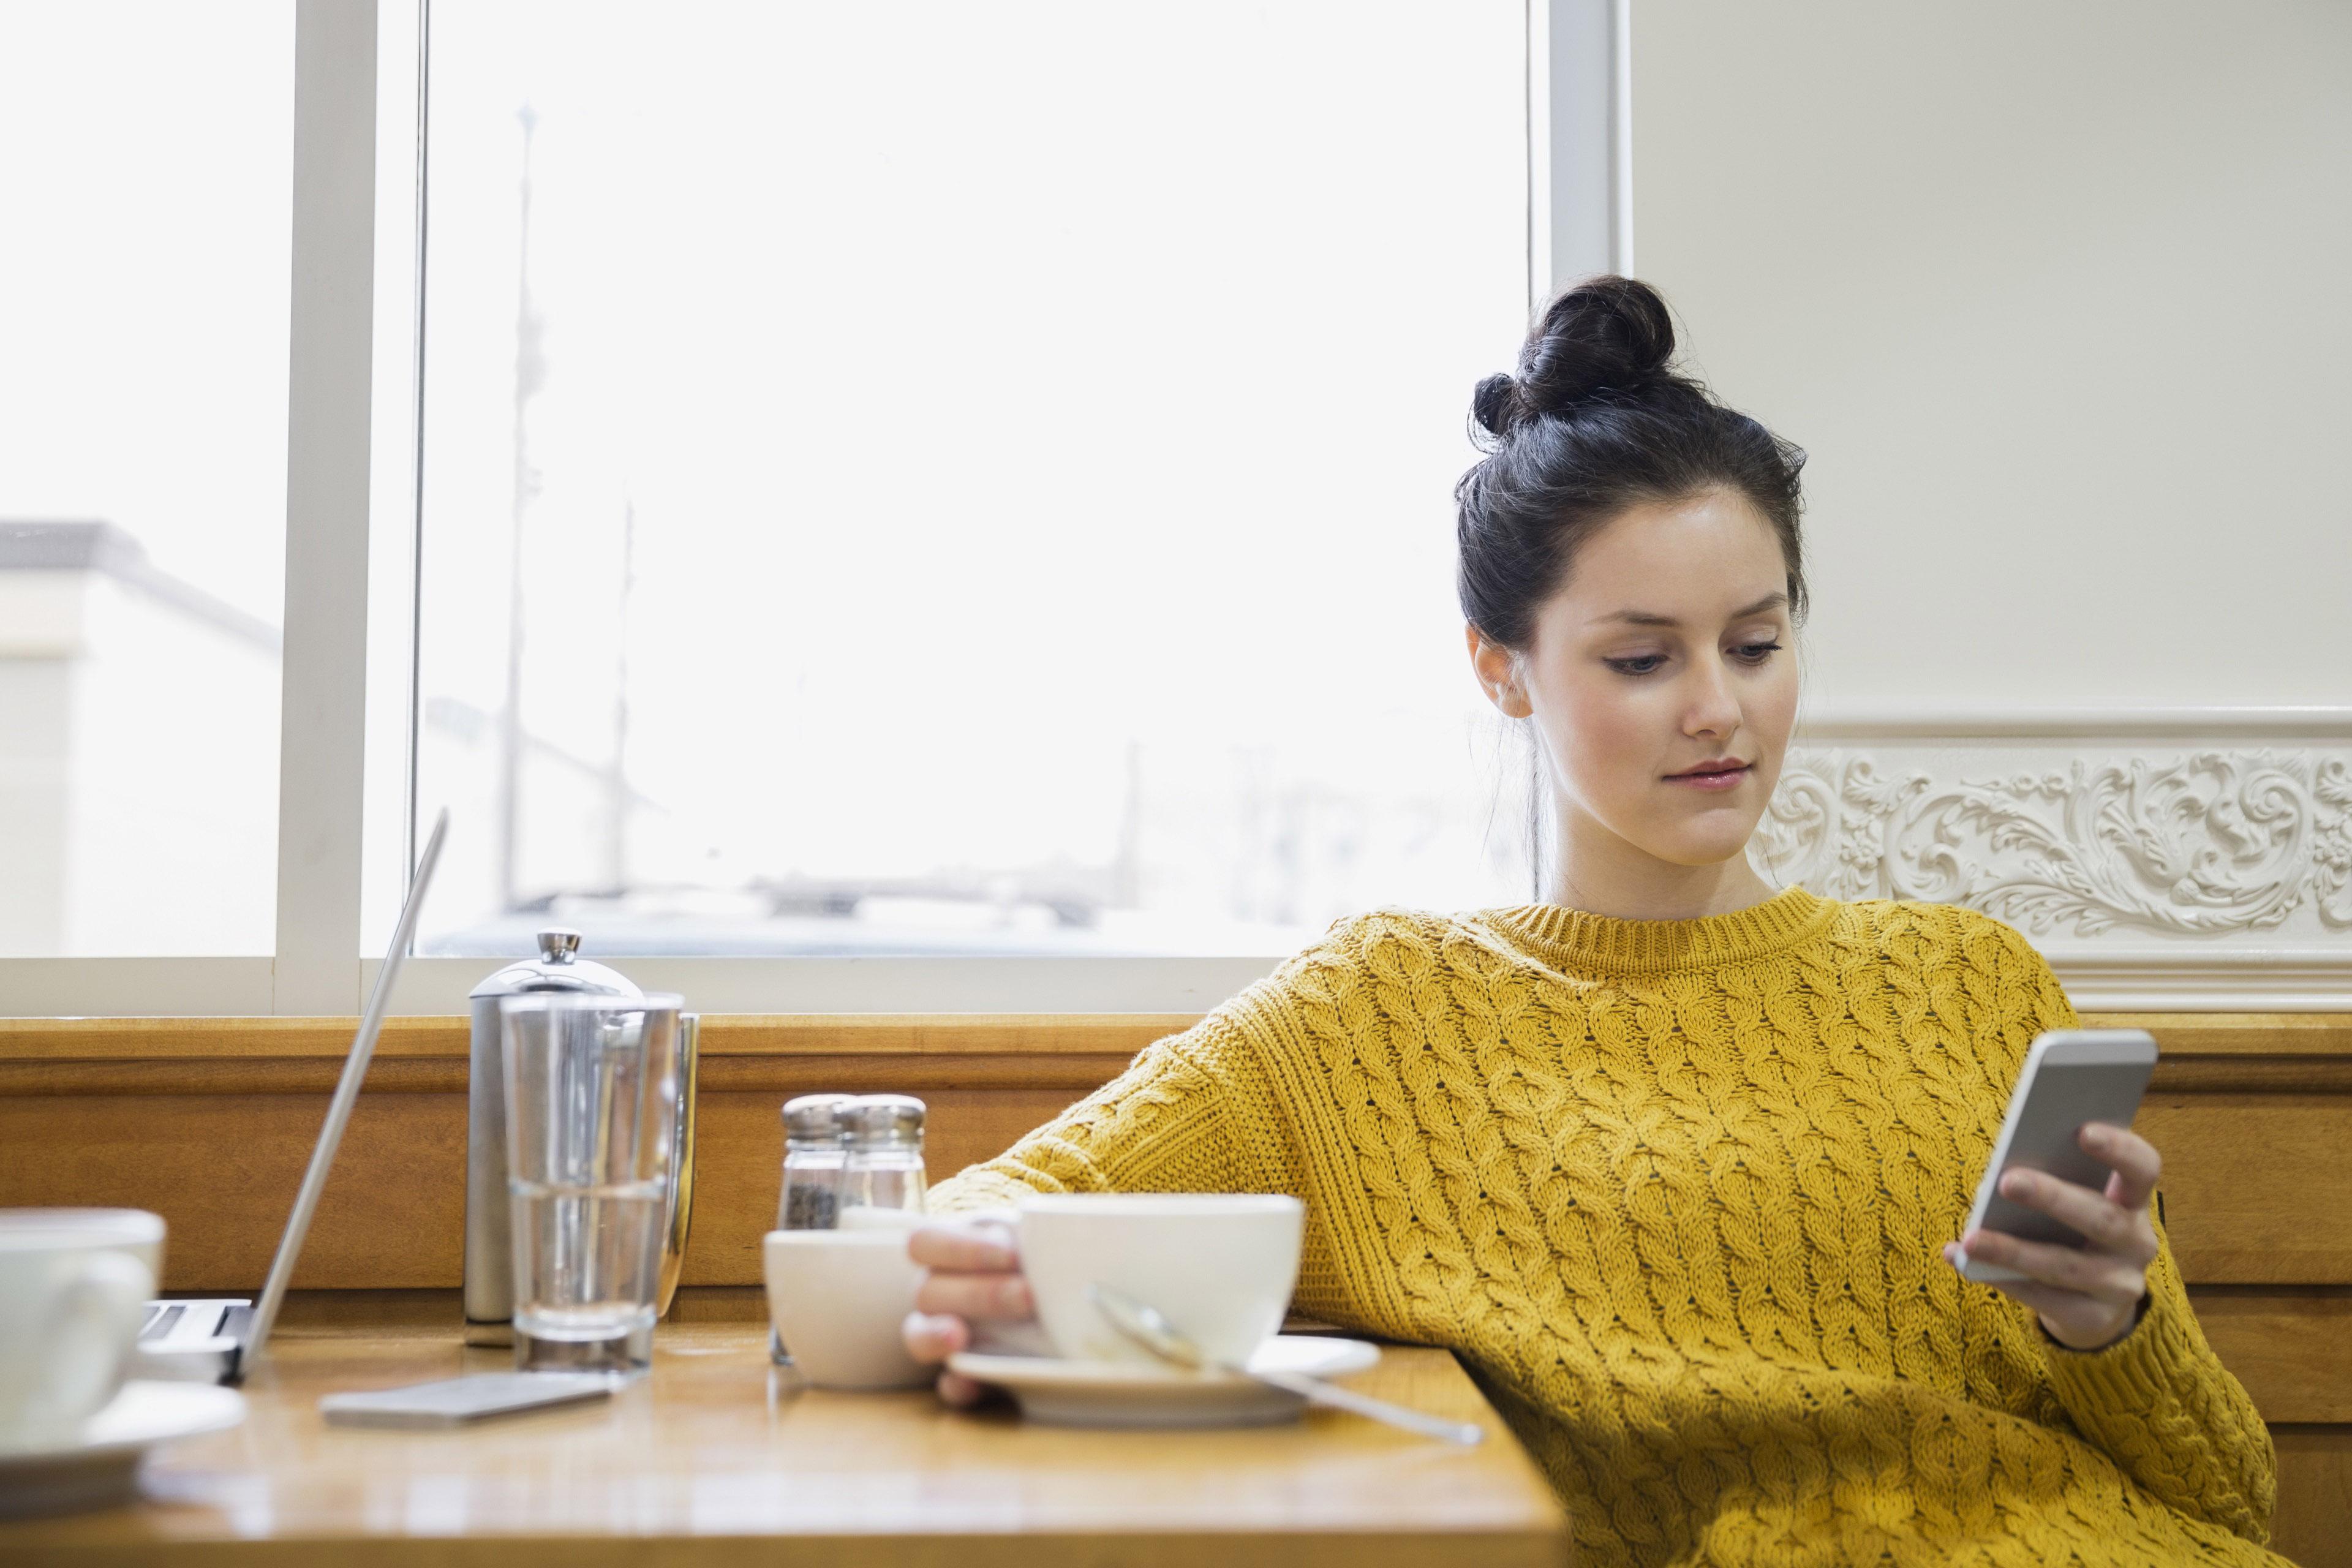 Мужчина пьет кофе во время утренней работы